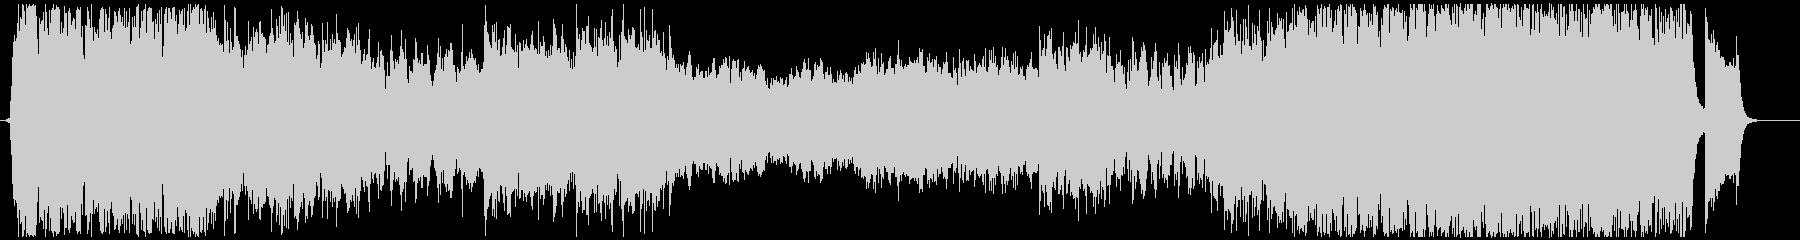 ファンタジック-オーケストラ交響序曲の未再生の波形